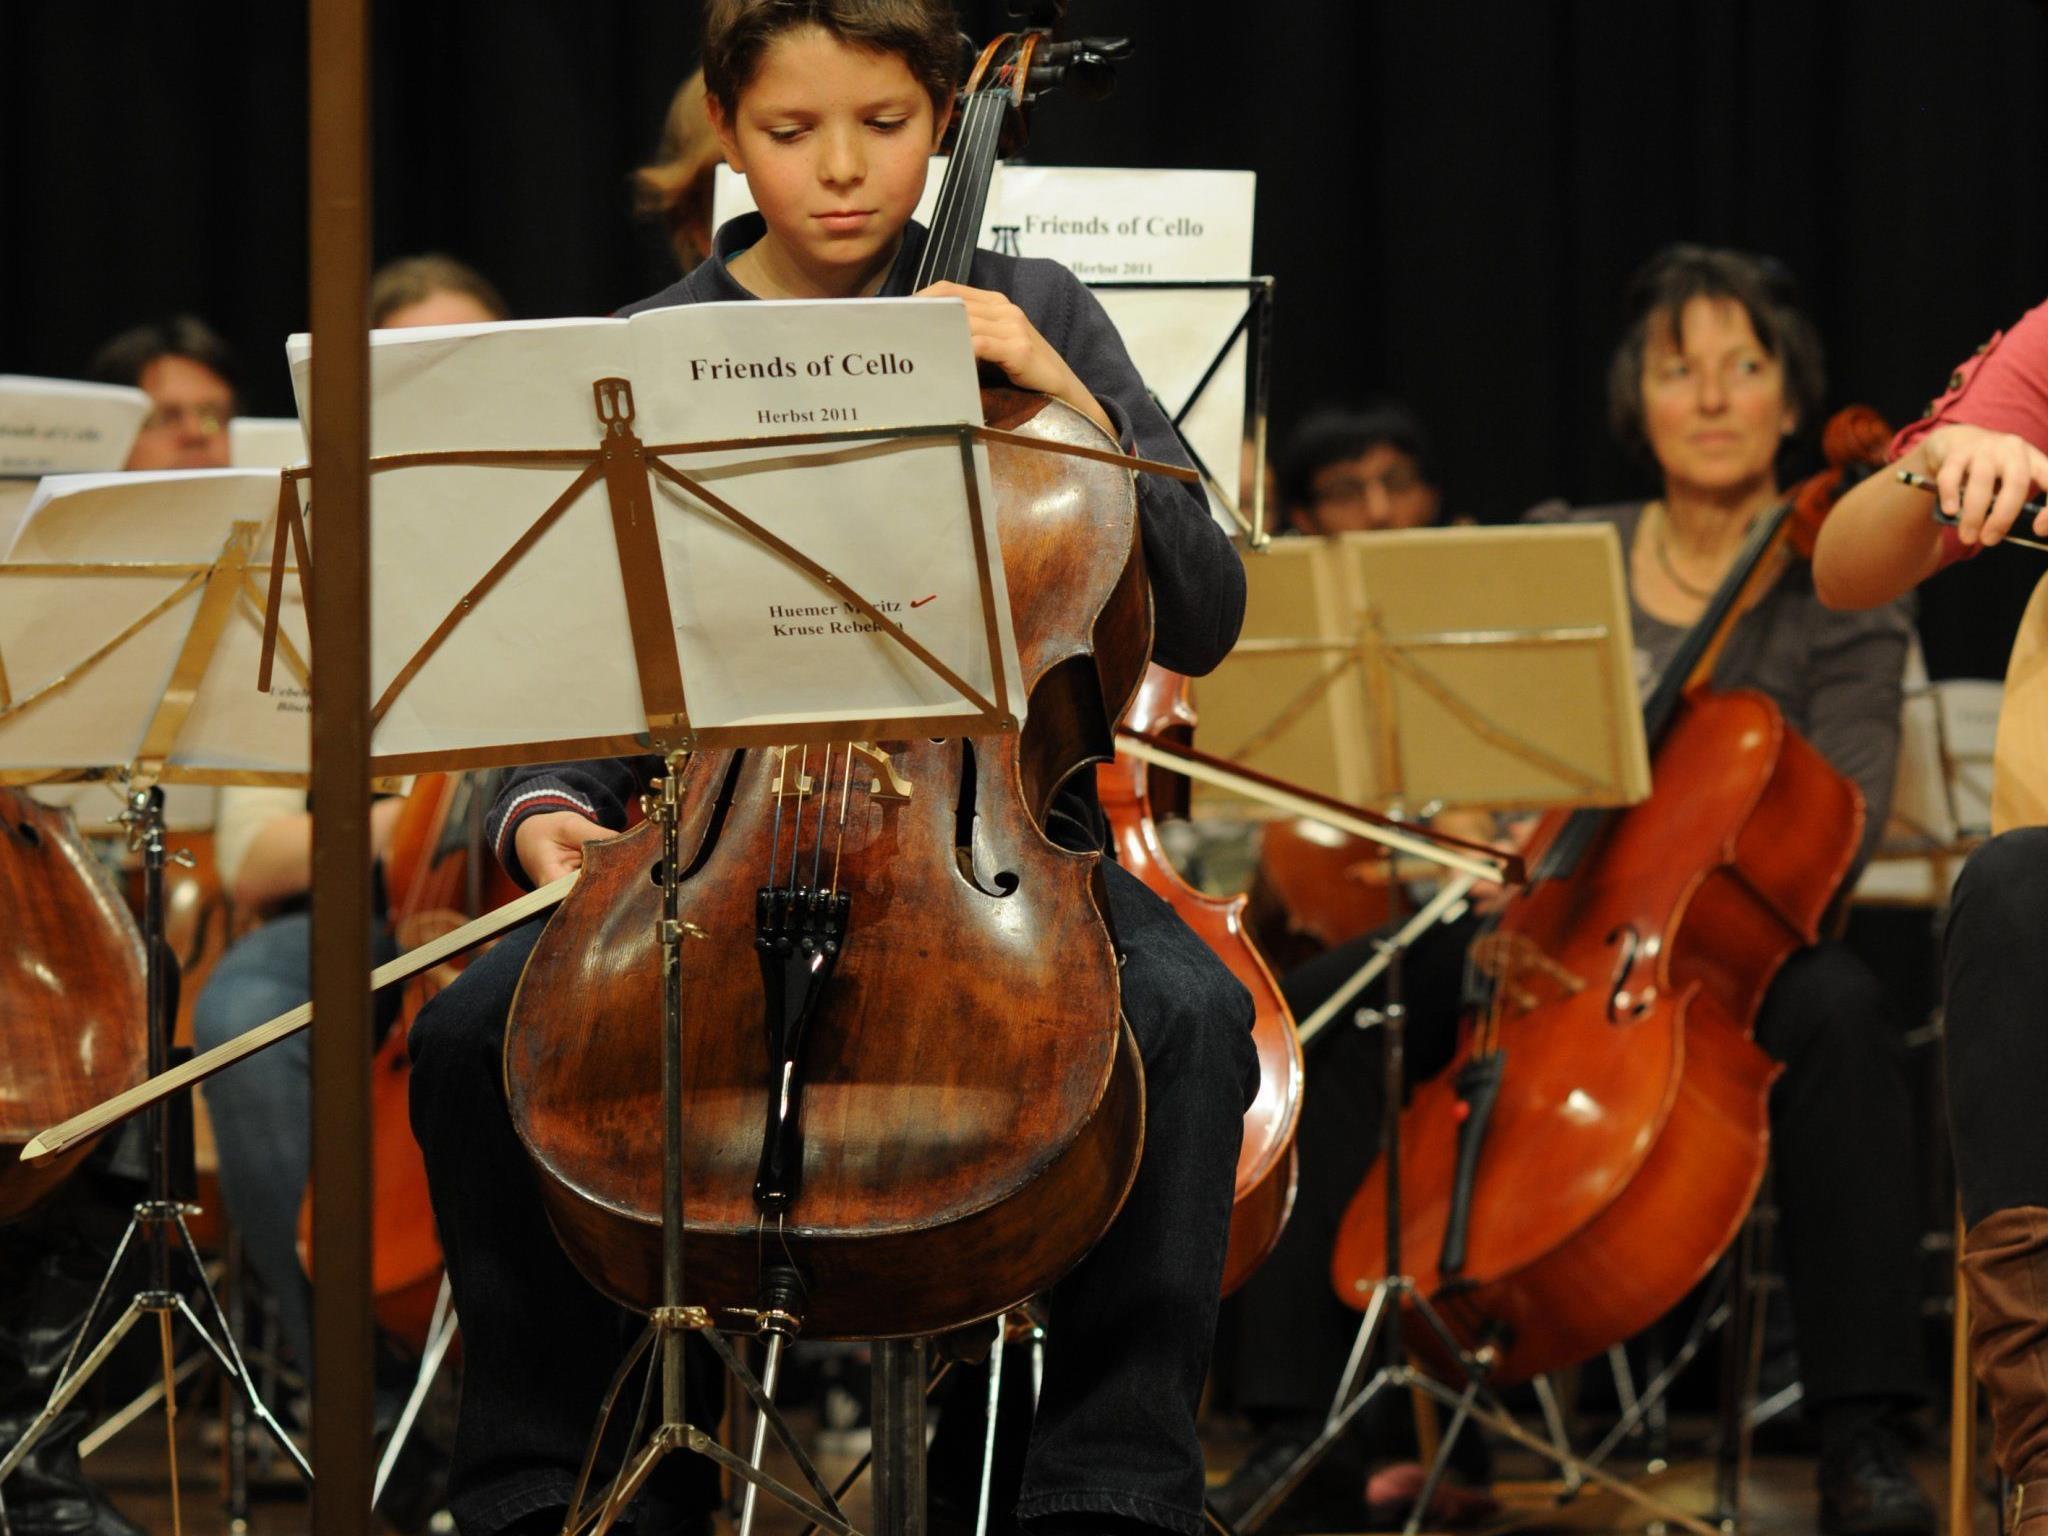 Der 12-jährige Moritz Huemer trat als Solist auf.